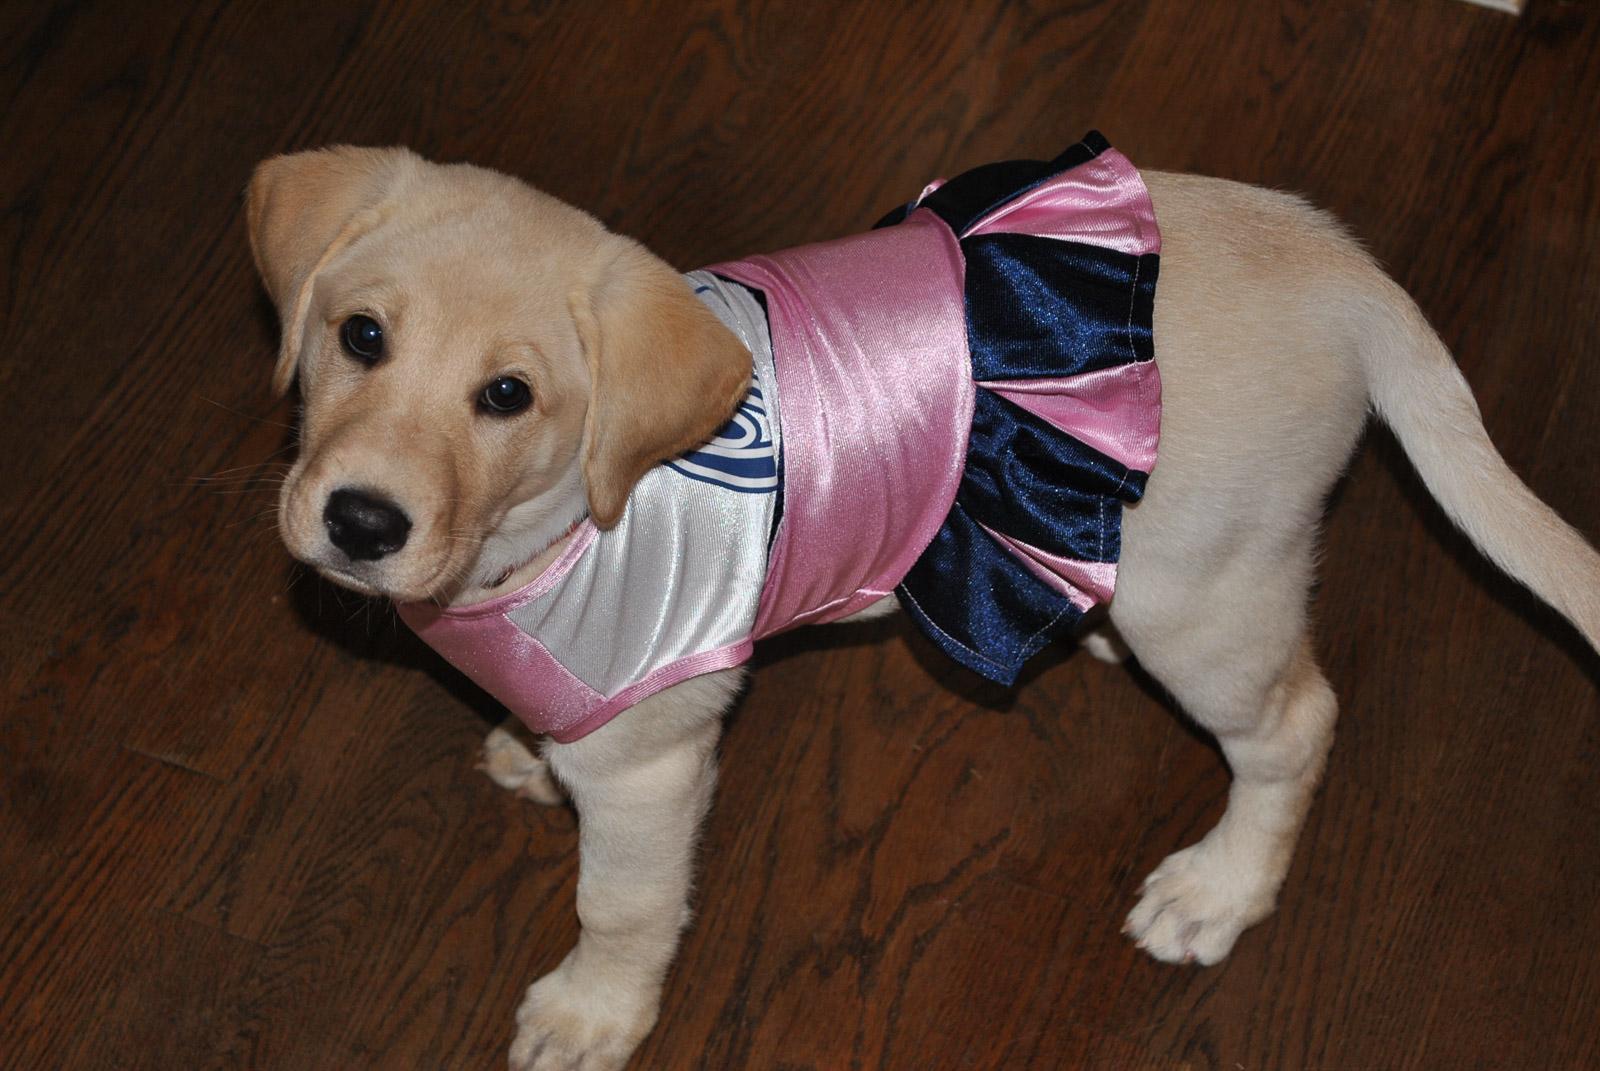 zoe cheerleader costume